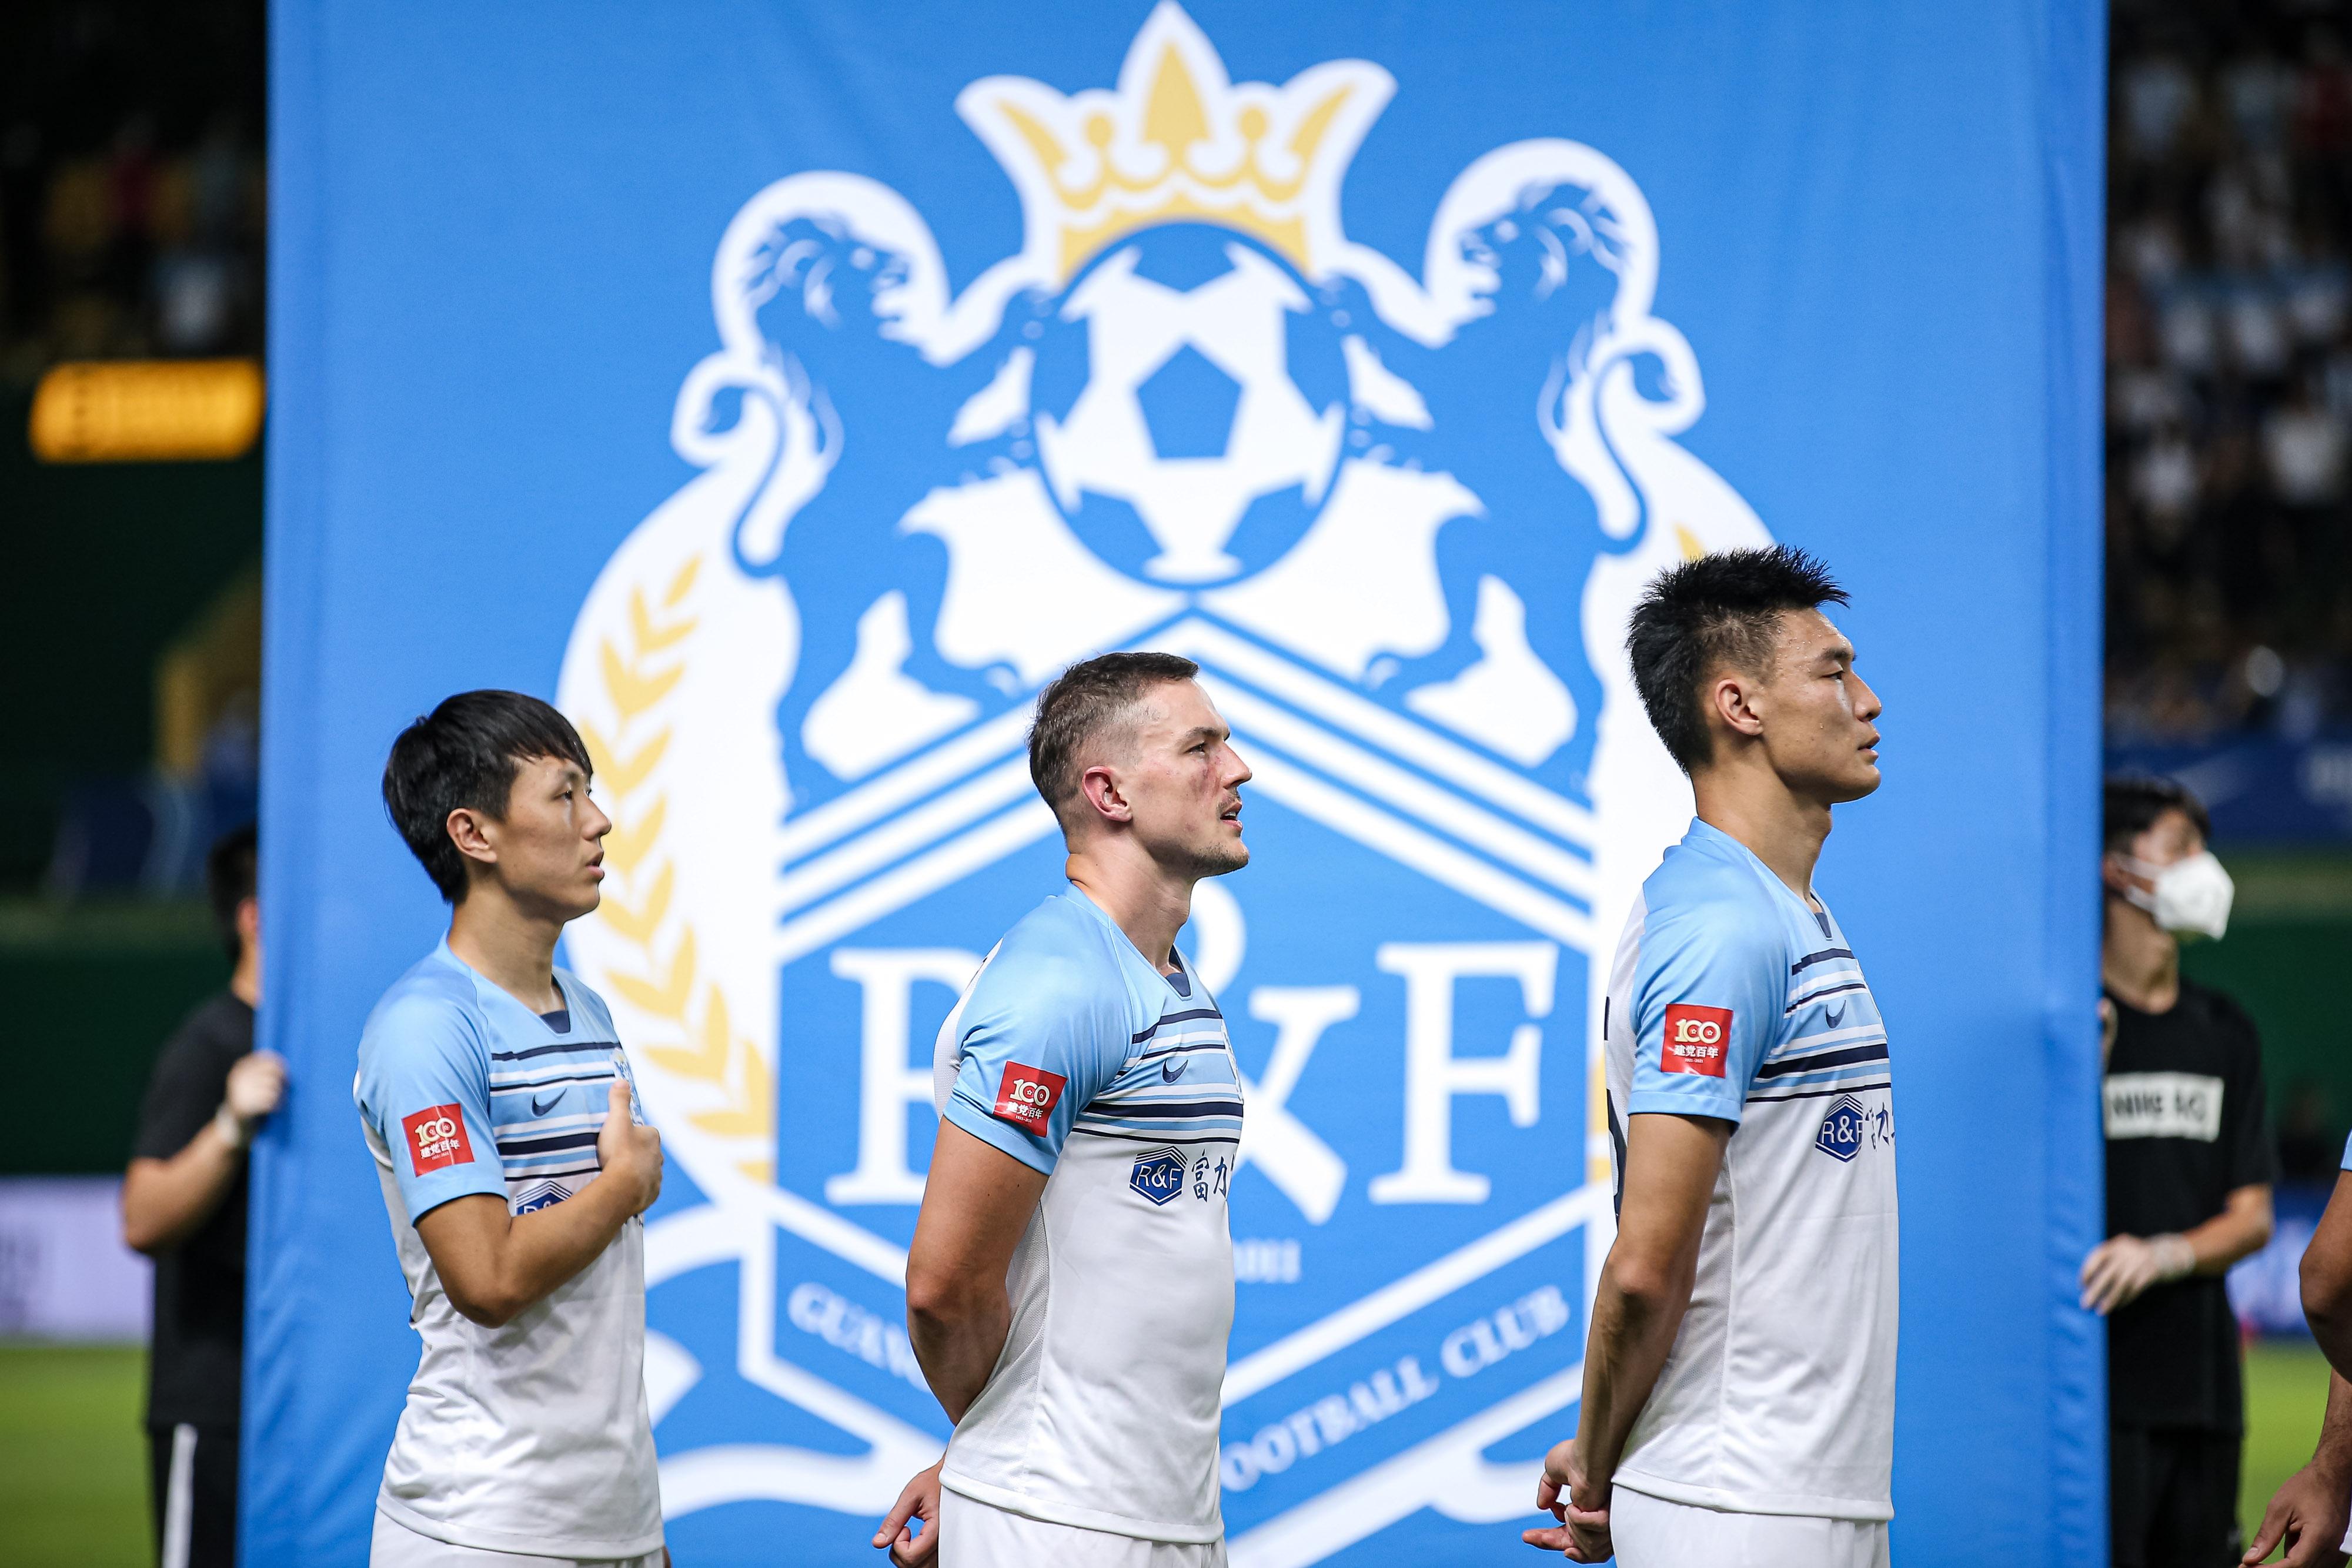 记者:广州城下个月公布新队徽,下赛季队徽才能绣上球衣